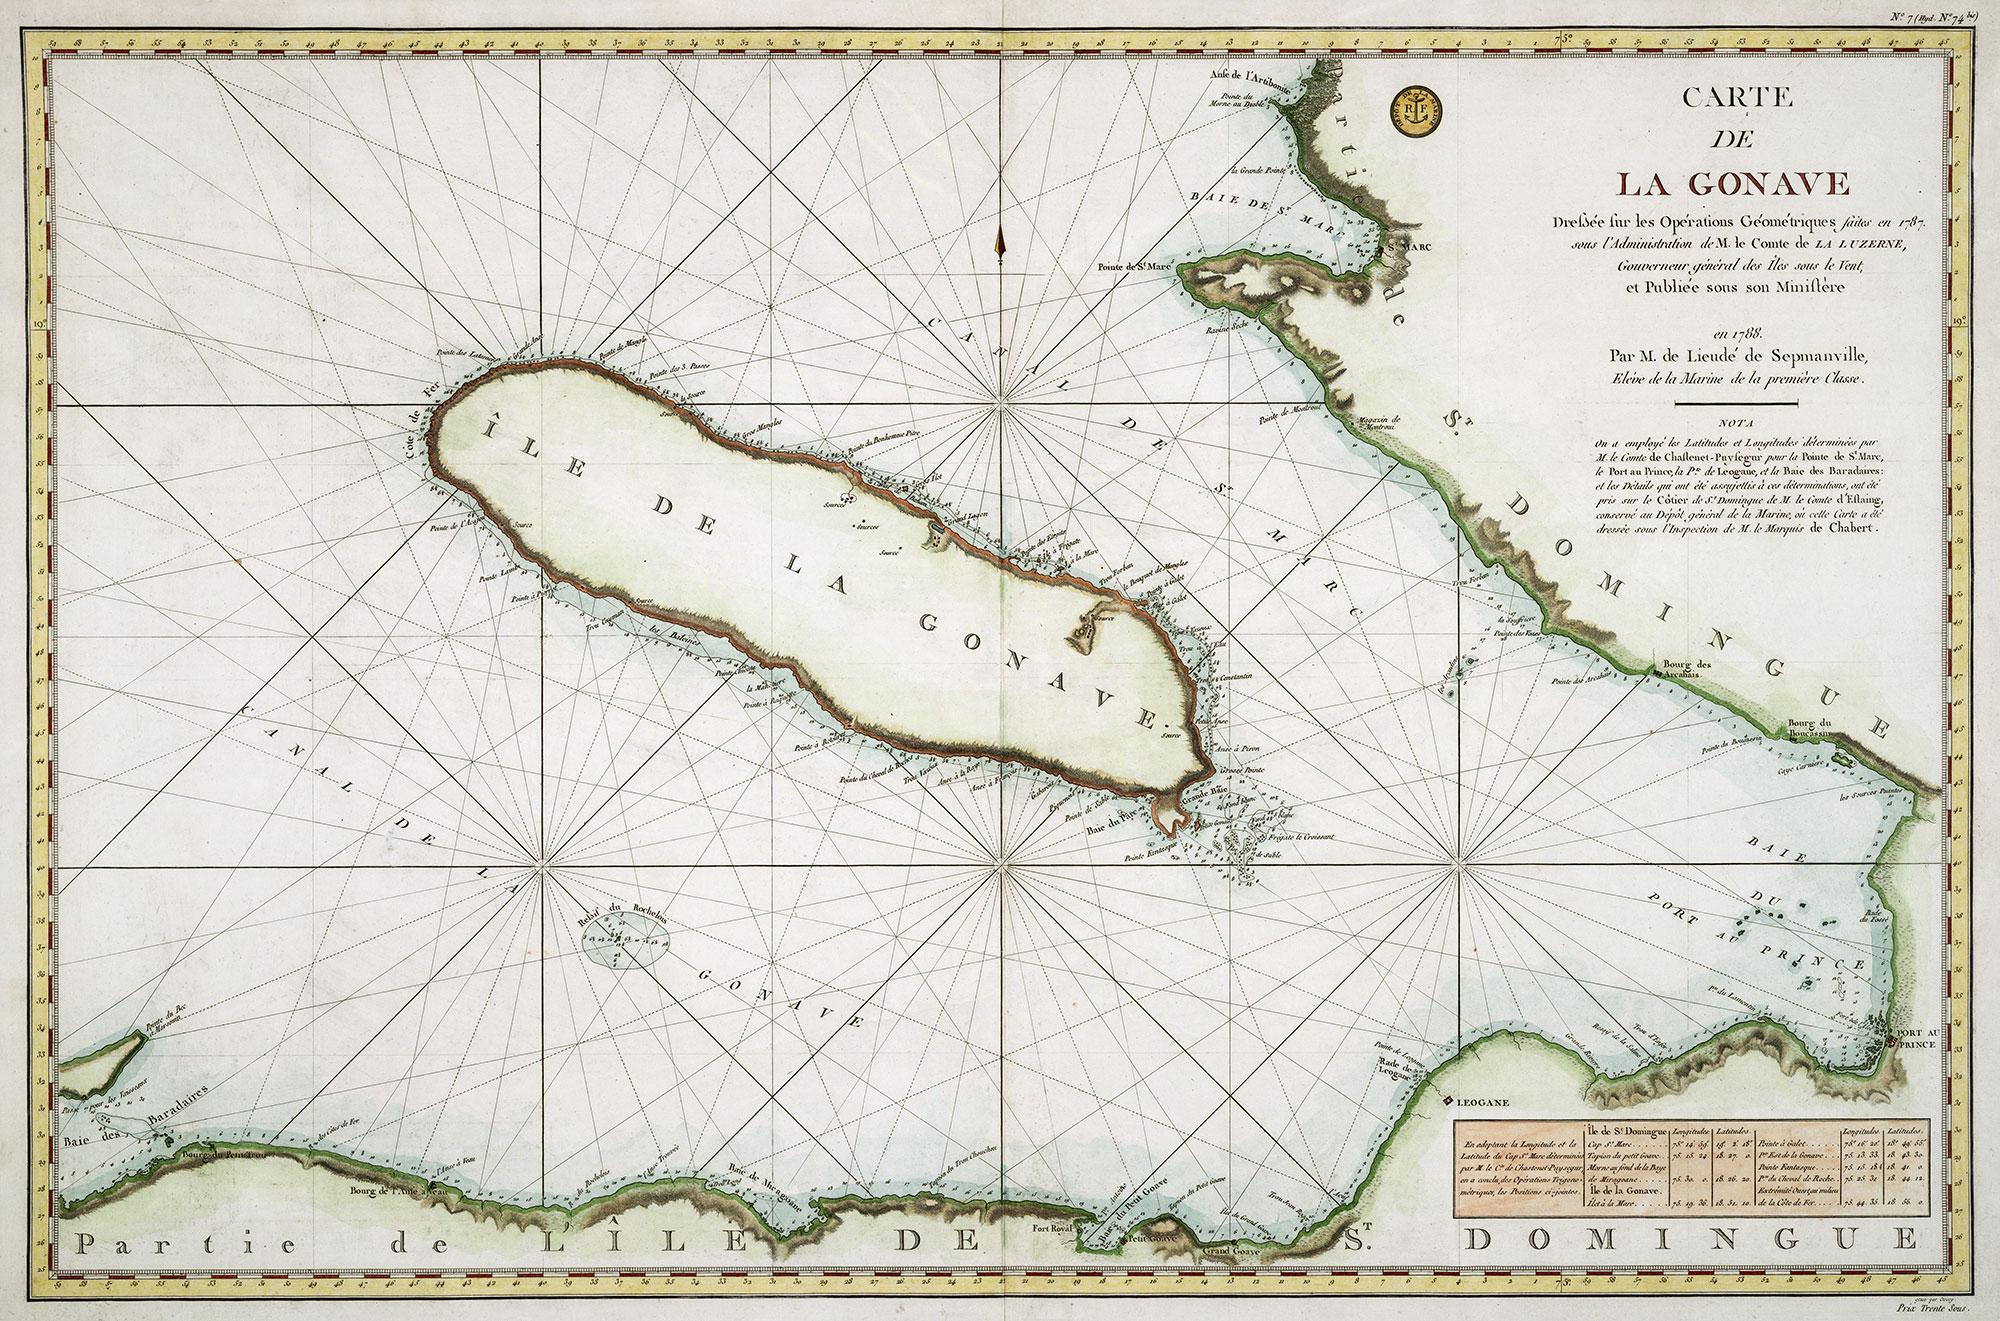 Carte de la Gonave dréssée pour les opérations géométriques en 1788